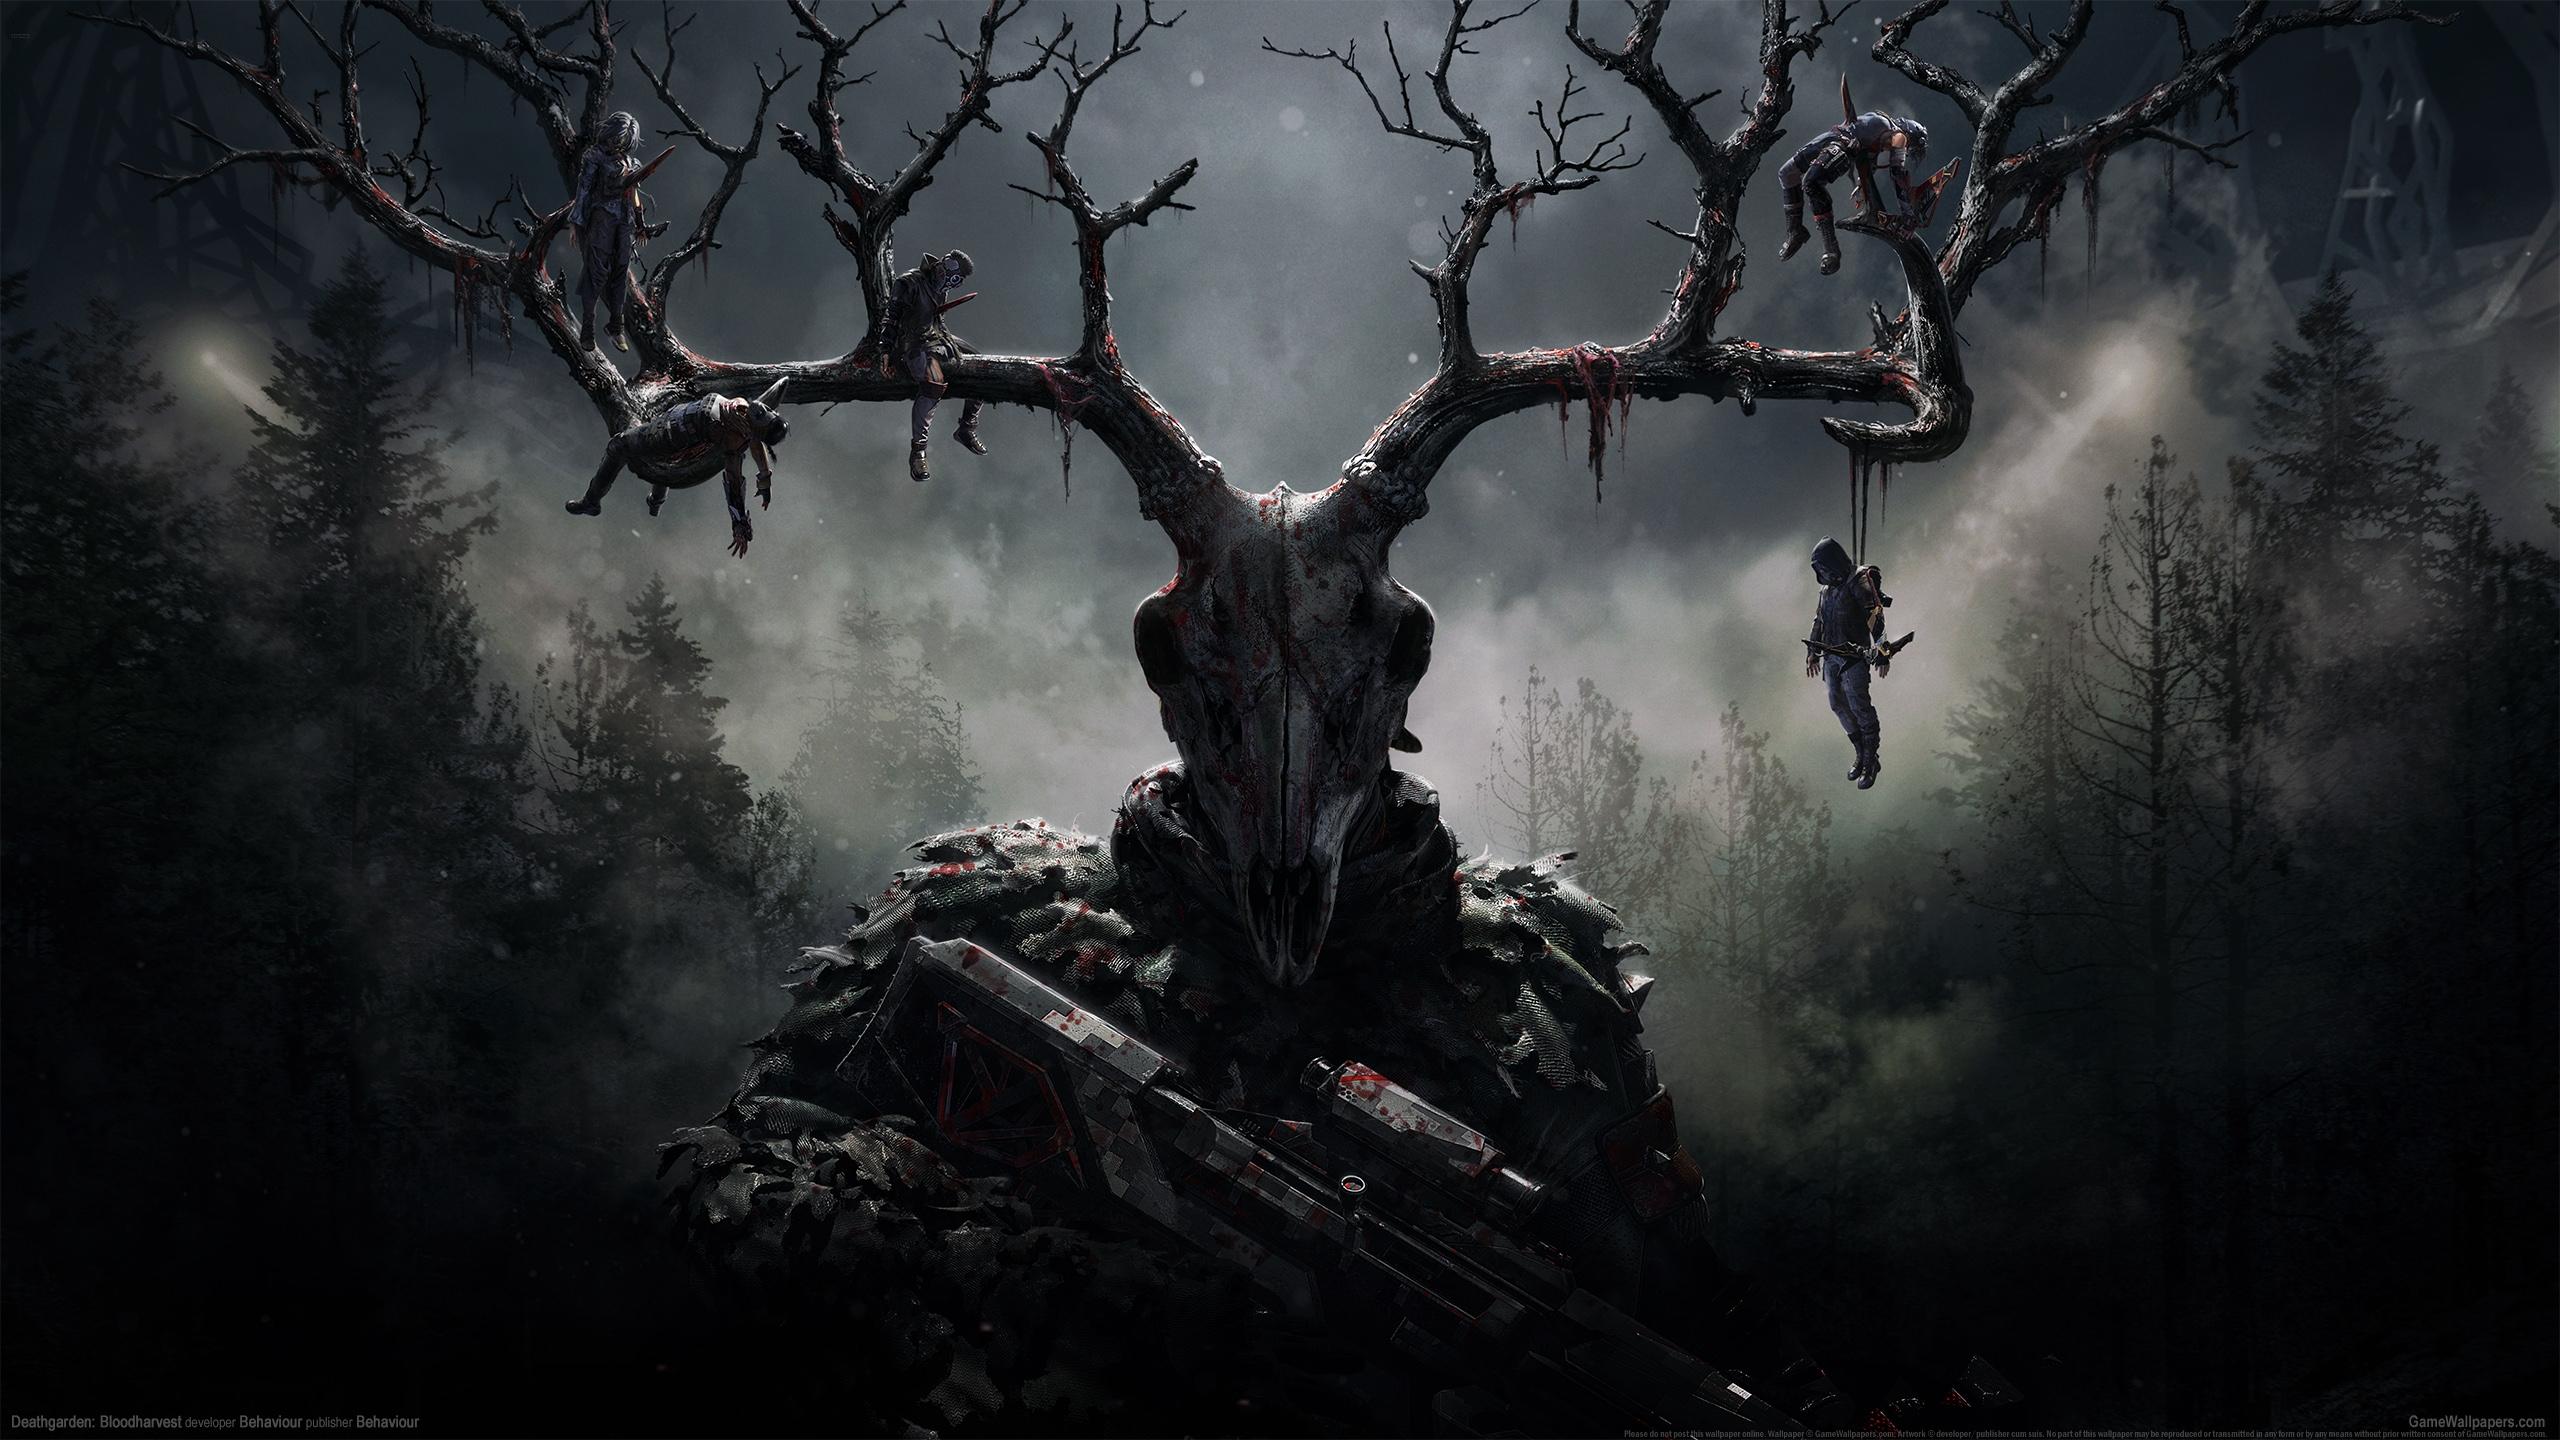 Deathgarden: Bloodharvest 2560x1440 wallpaper or background 01